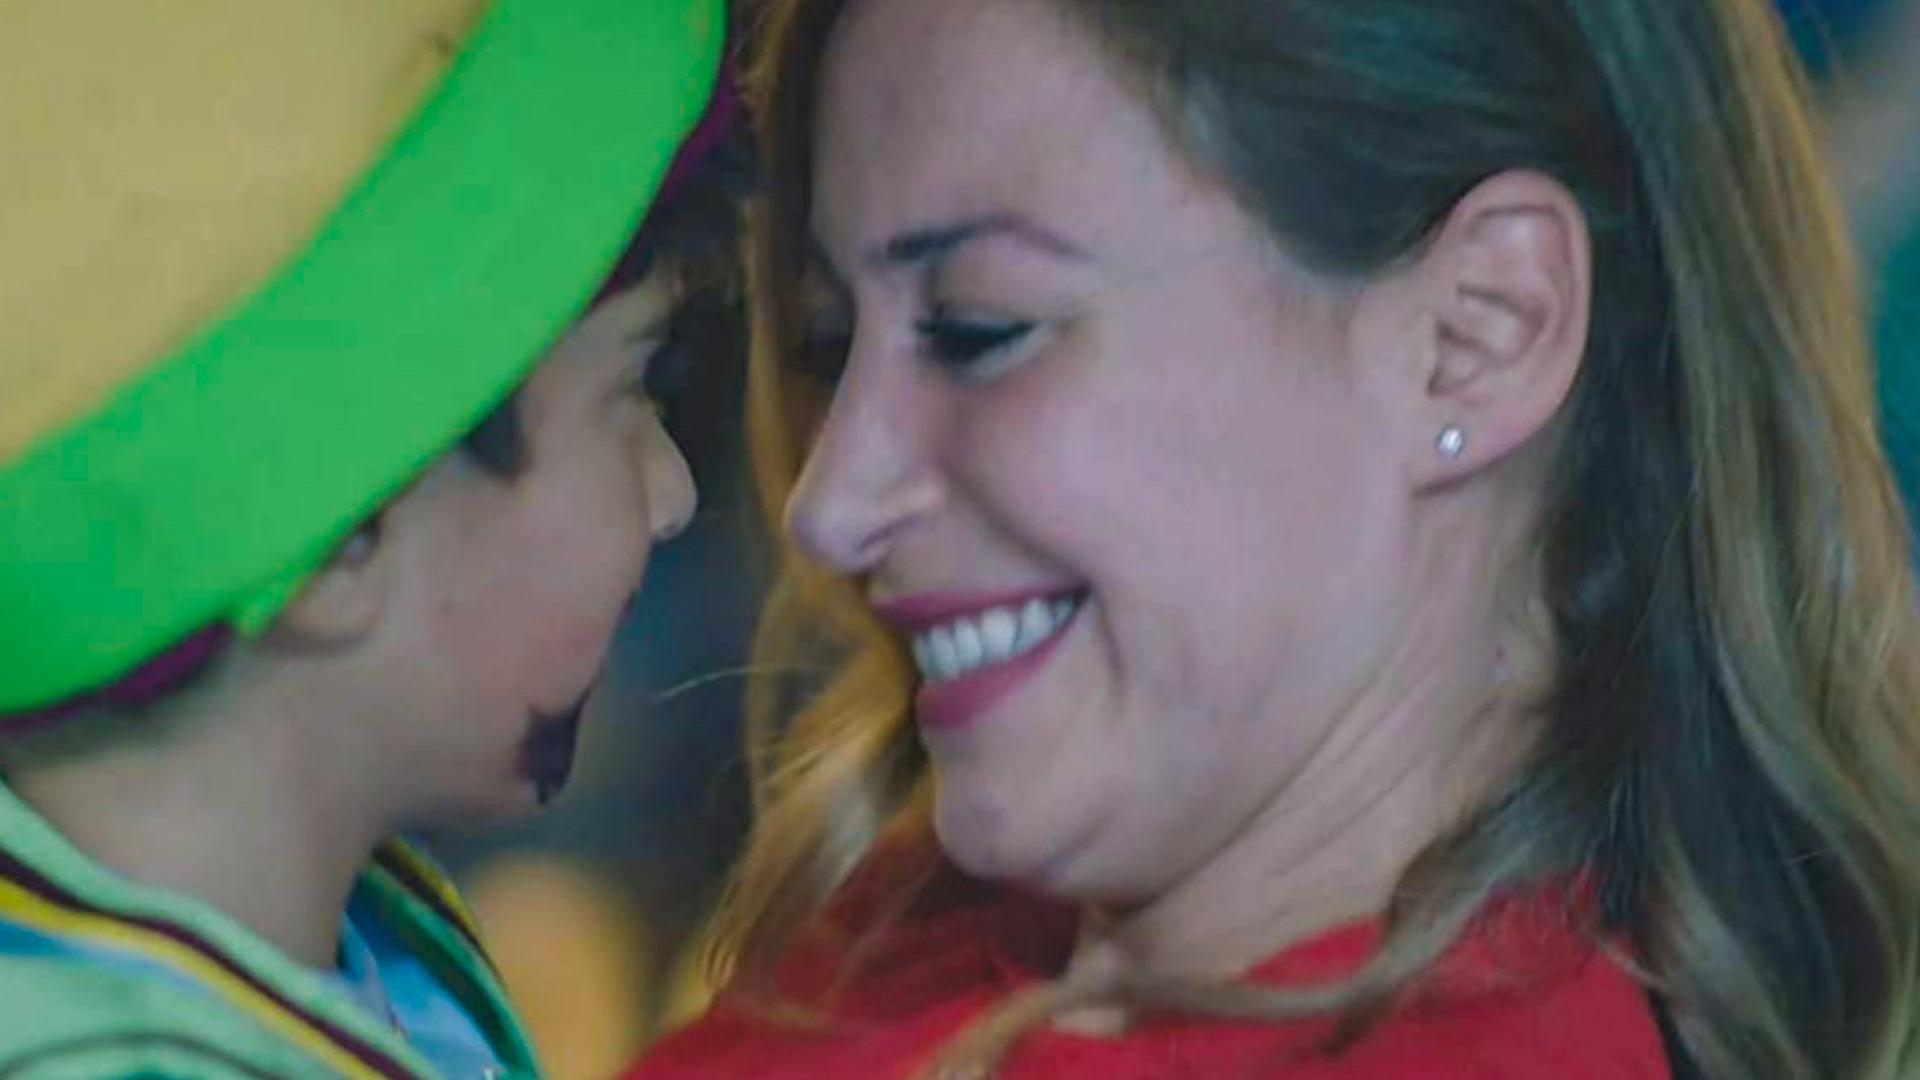 منة شلبي تسلط الضوء على الأم mother الكفيلة وتتسبب في زيادة طلبات احتضان الأطفال بمصر